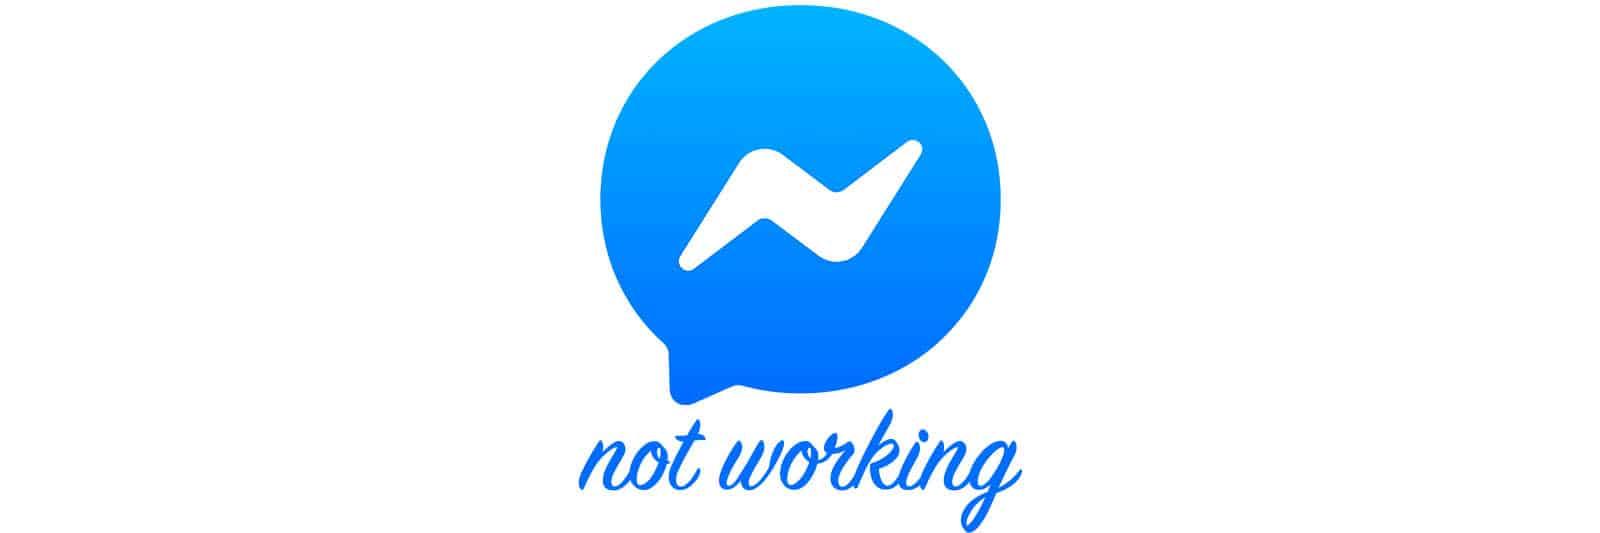 messenger-app-not-working